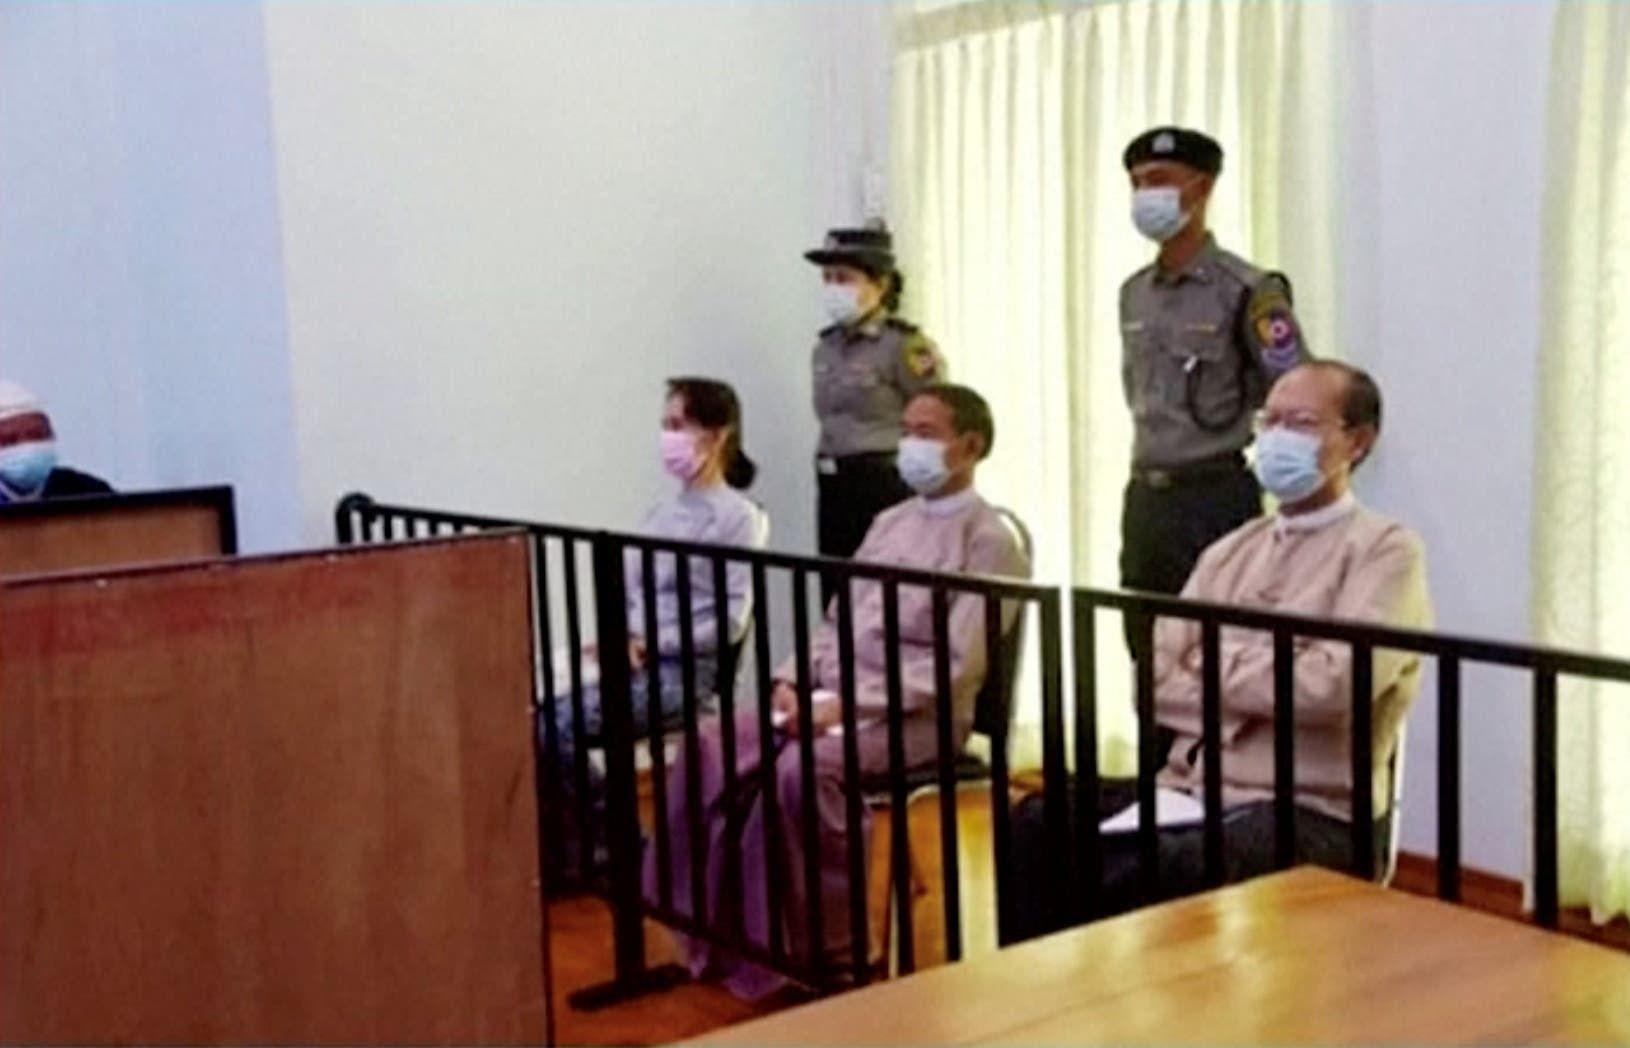 أونغ سان سو تشي خلال جلسة محاكمة سابقة في مايو الماضي